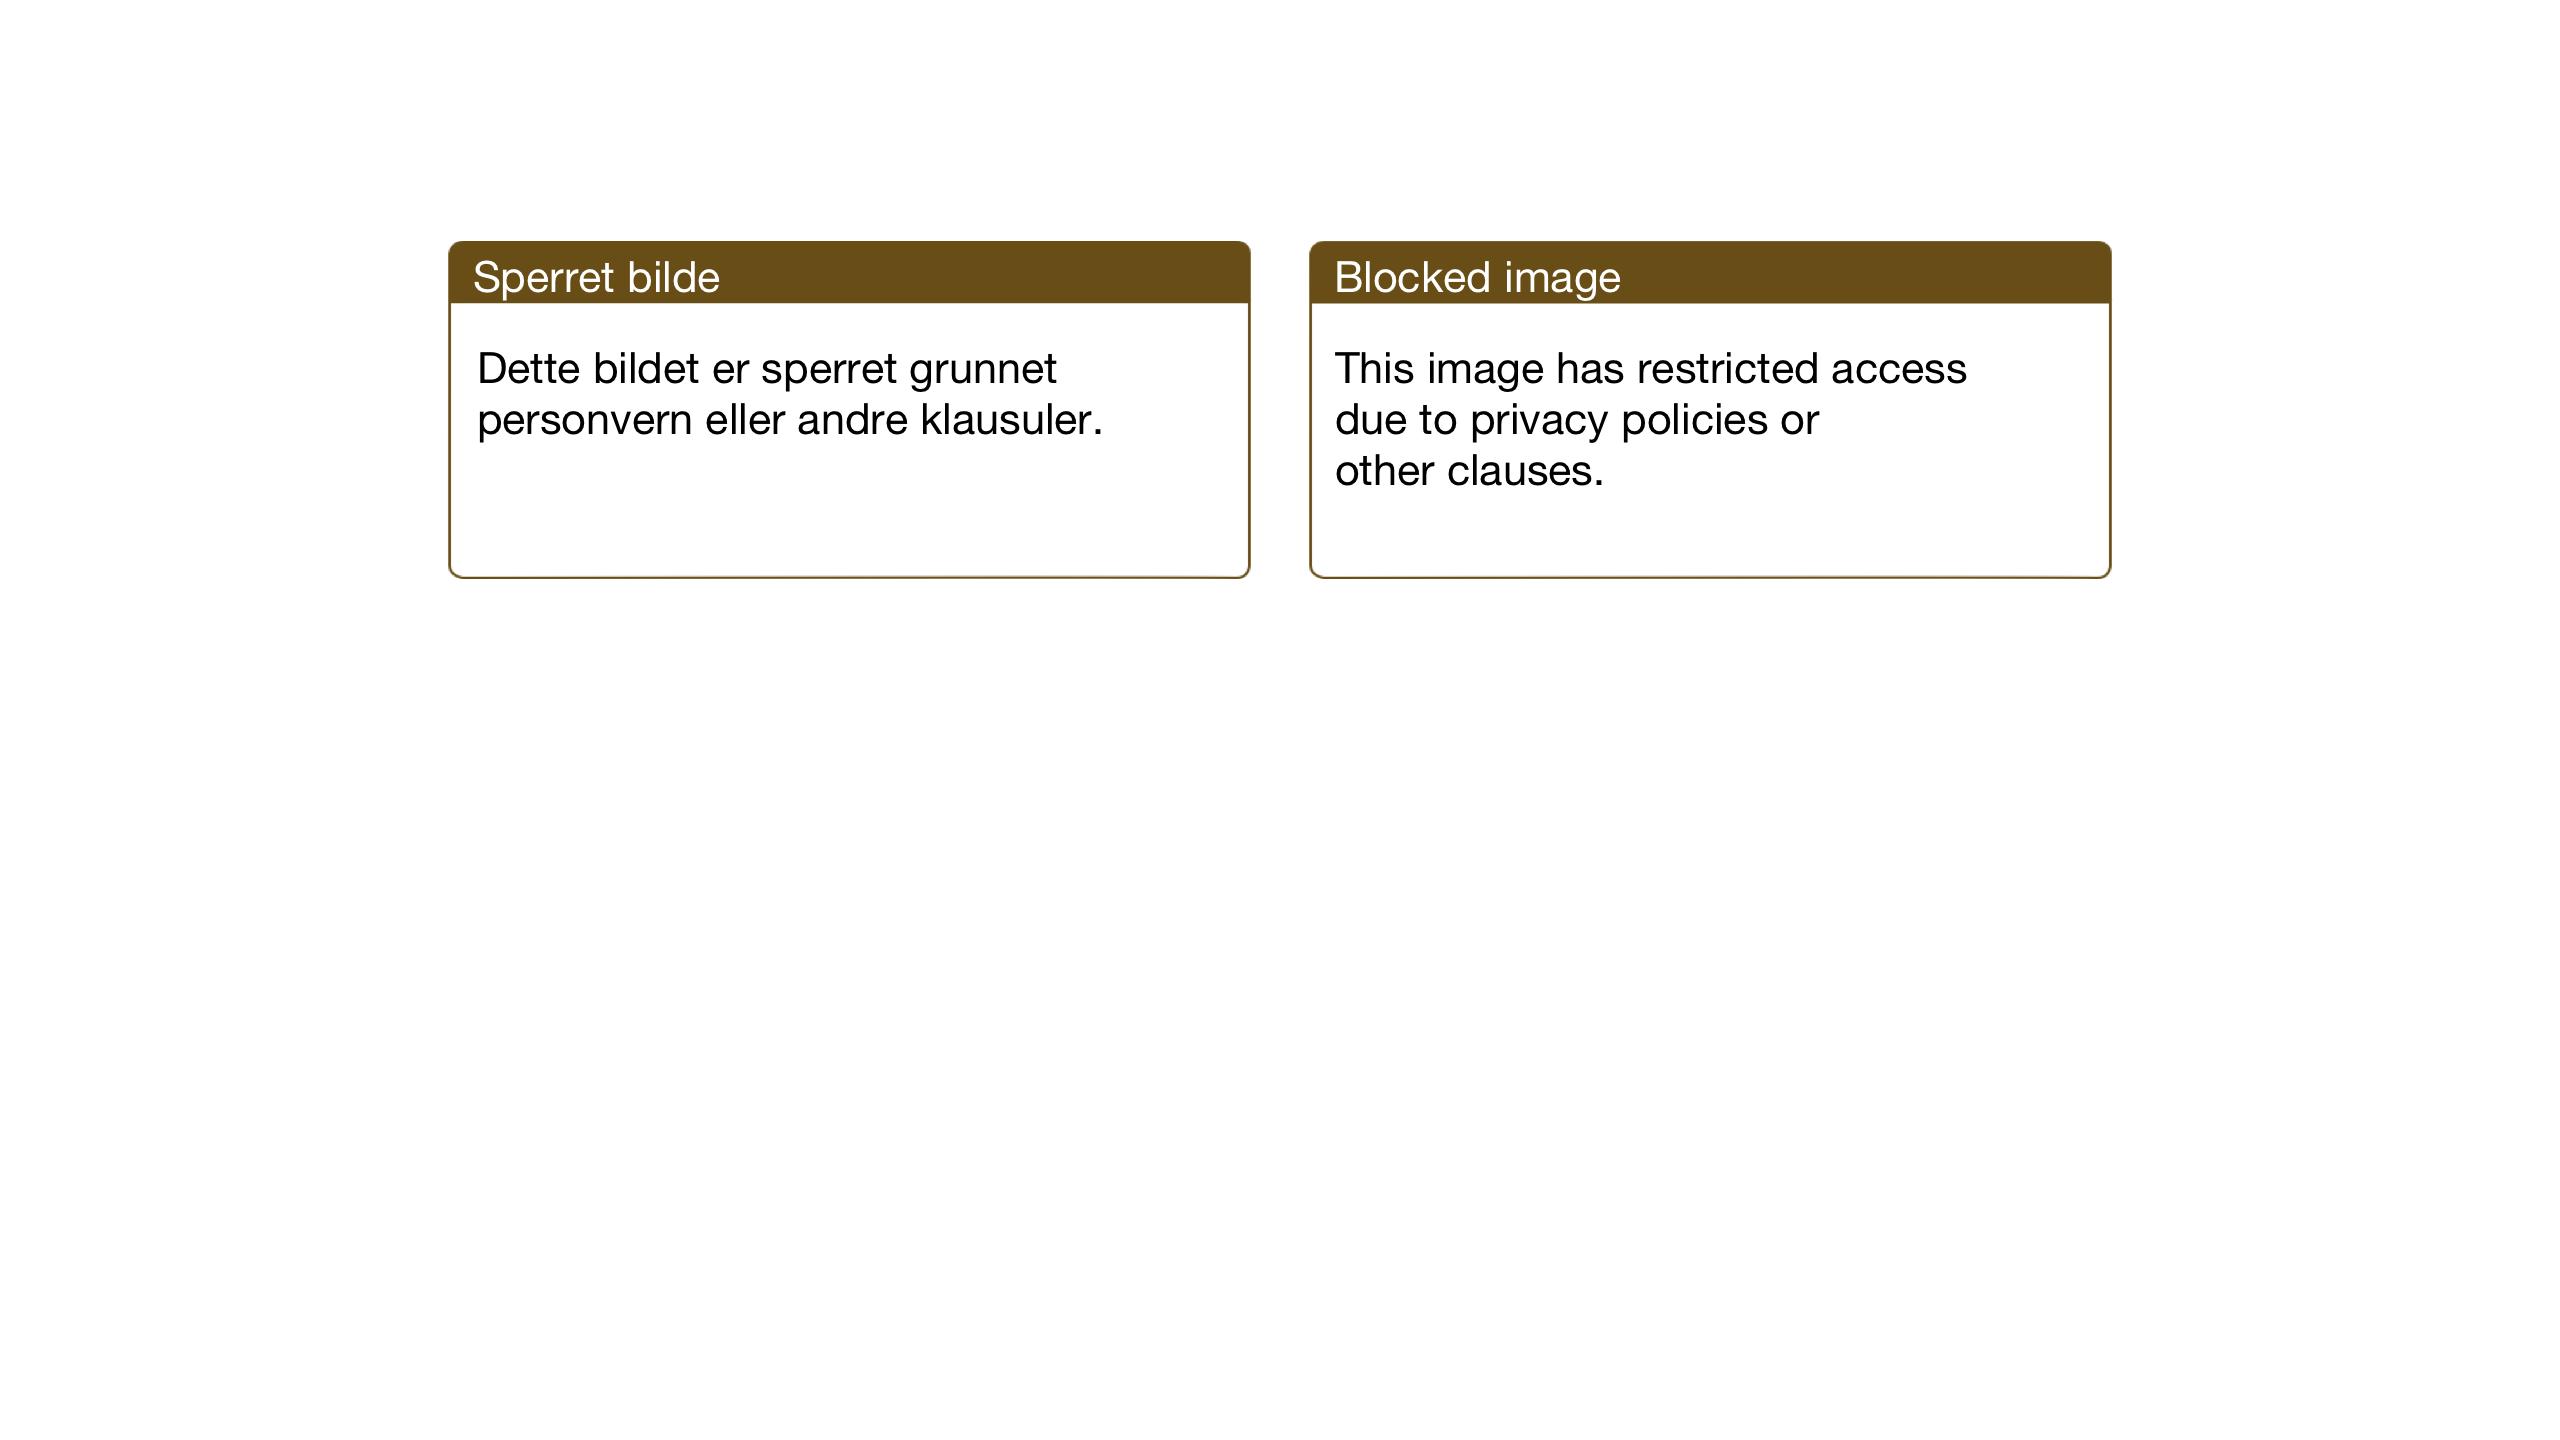 SAT, Ministerialprotokoller, klokkerbøker og fødselsregistre - Sør-Trøndelag, 682/L0947: Klokkerbok nr. 682C01, 1926-1968, s. 147